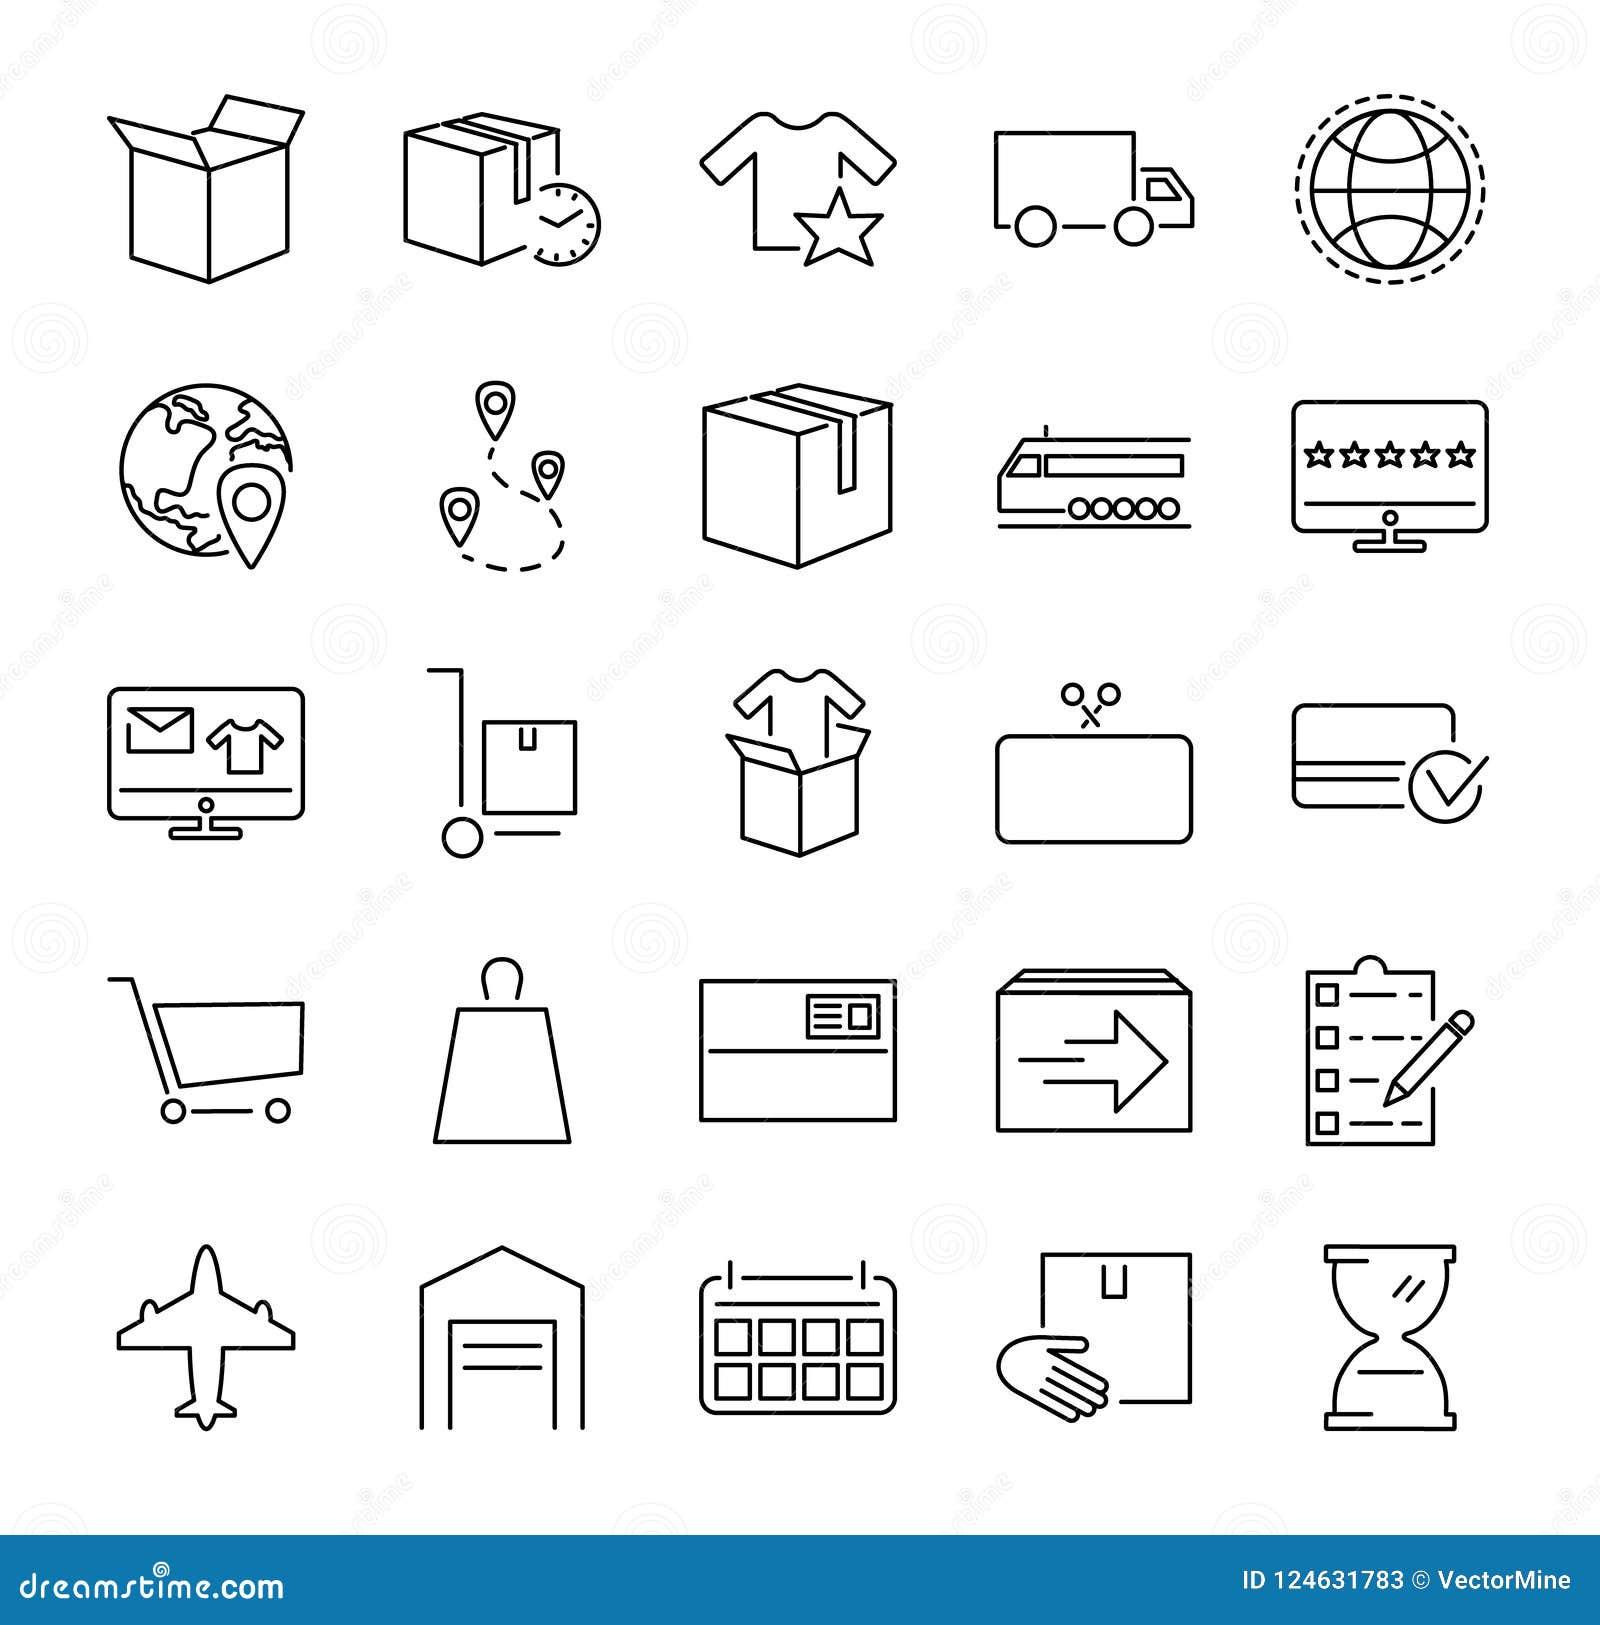 Inzameling van het de illustratiepictogram van de ordevervulling de vector Geschetst pictorgrams over online het winkelen, de lev